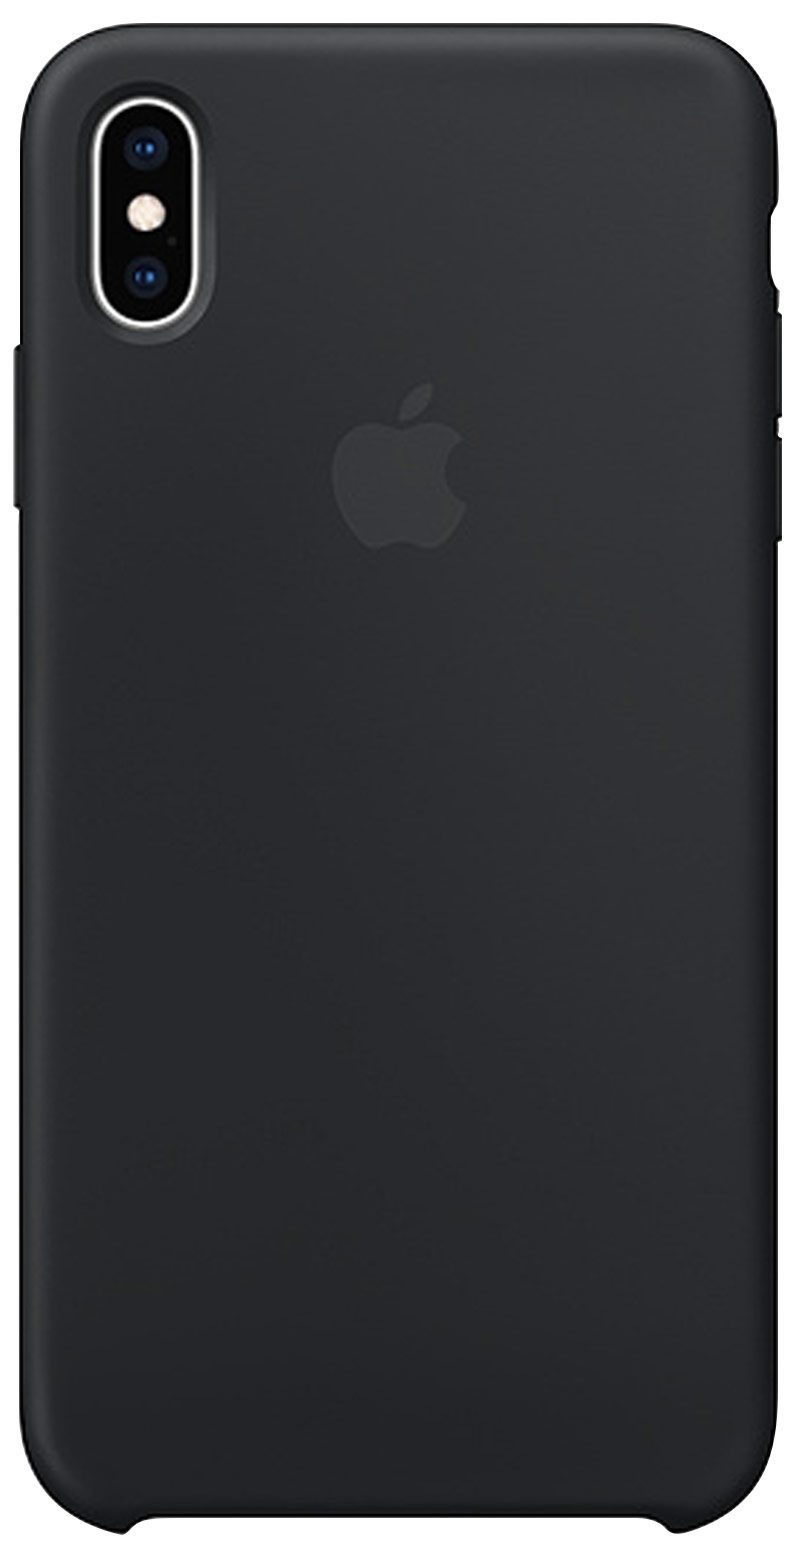 Coque en silicone pour iPhone Xs Max noir